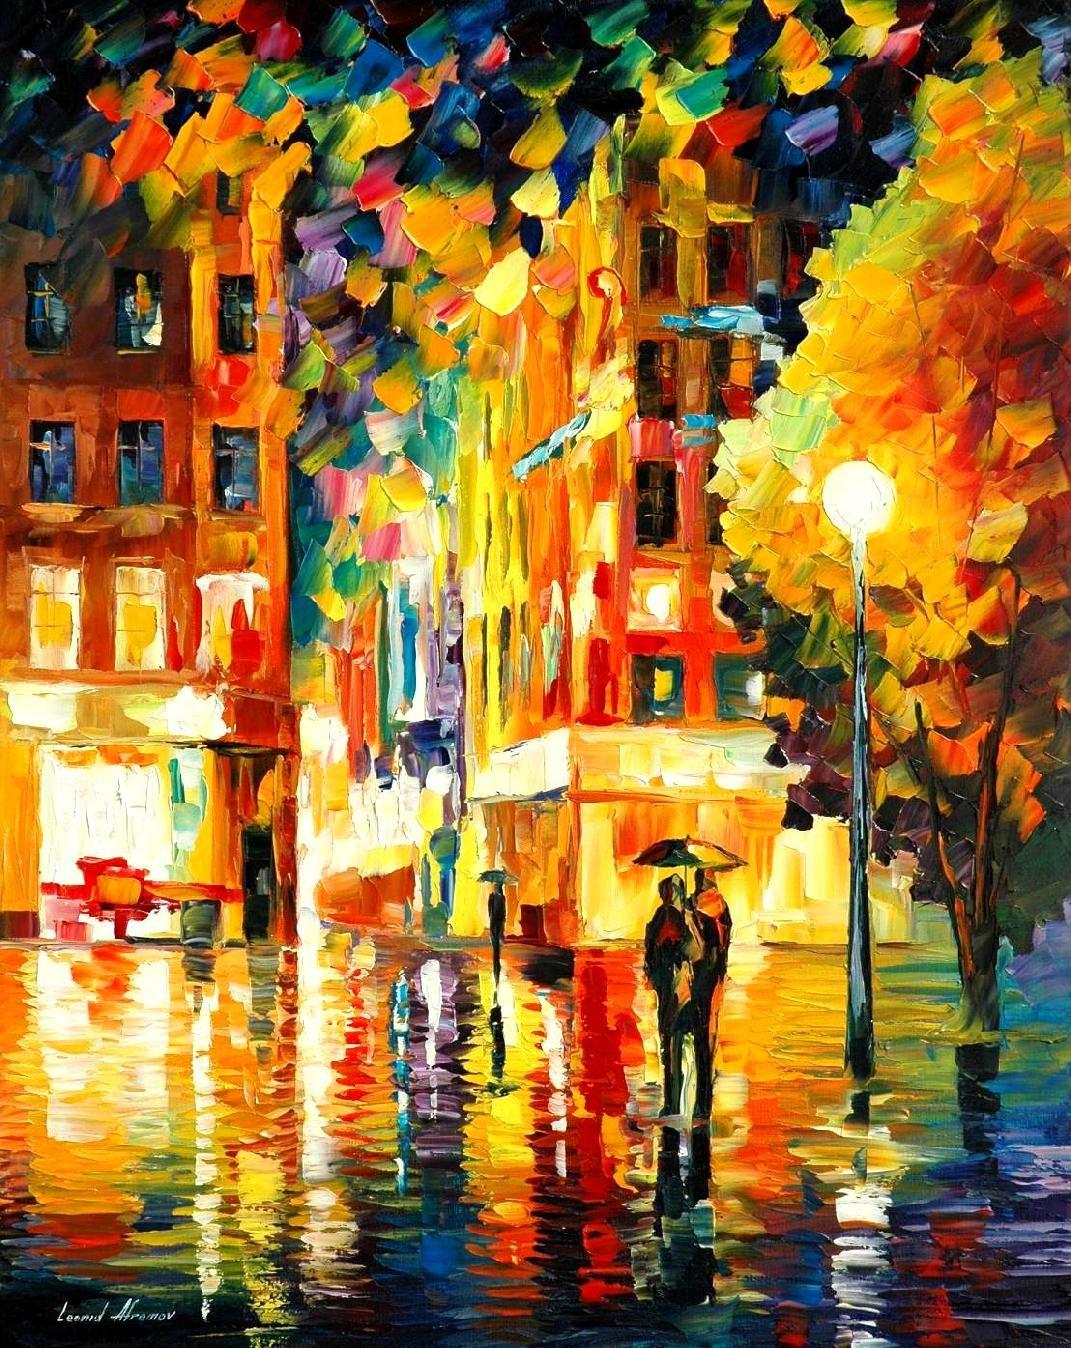 ¡Oferta especial del día directemante del artista! Cualquier pintura al óleo - $109 envio rápido incluido https://afremov.com/special-offer-1992015A.html?bid=1&partner=20921&utm_medium=/s-vochsp&utm_campaign=v-ADD-YOUR&utm_source=s-vochsp